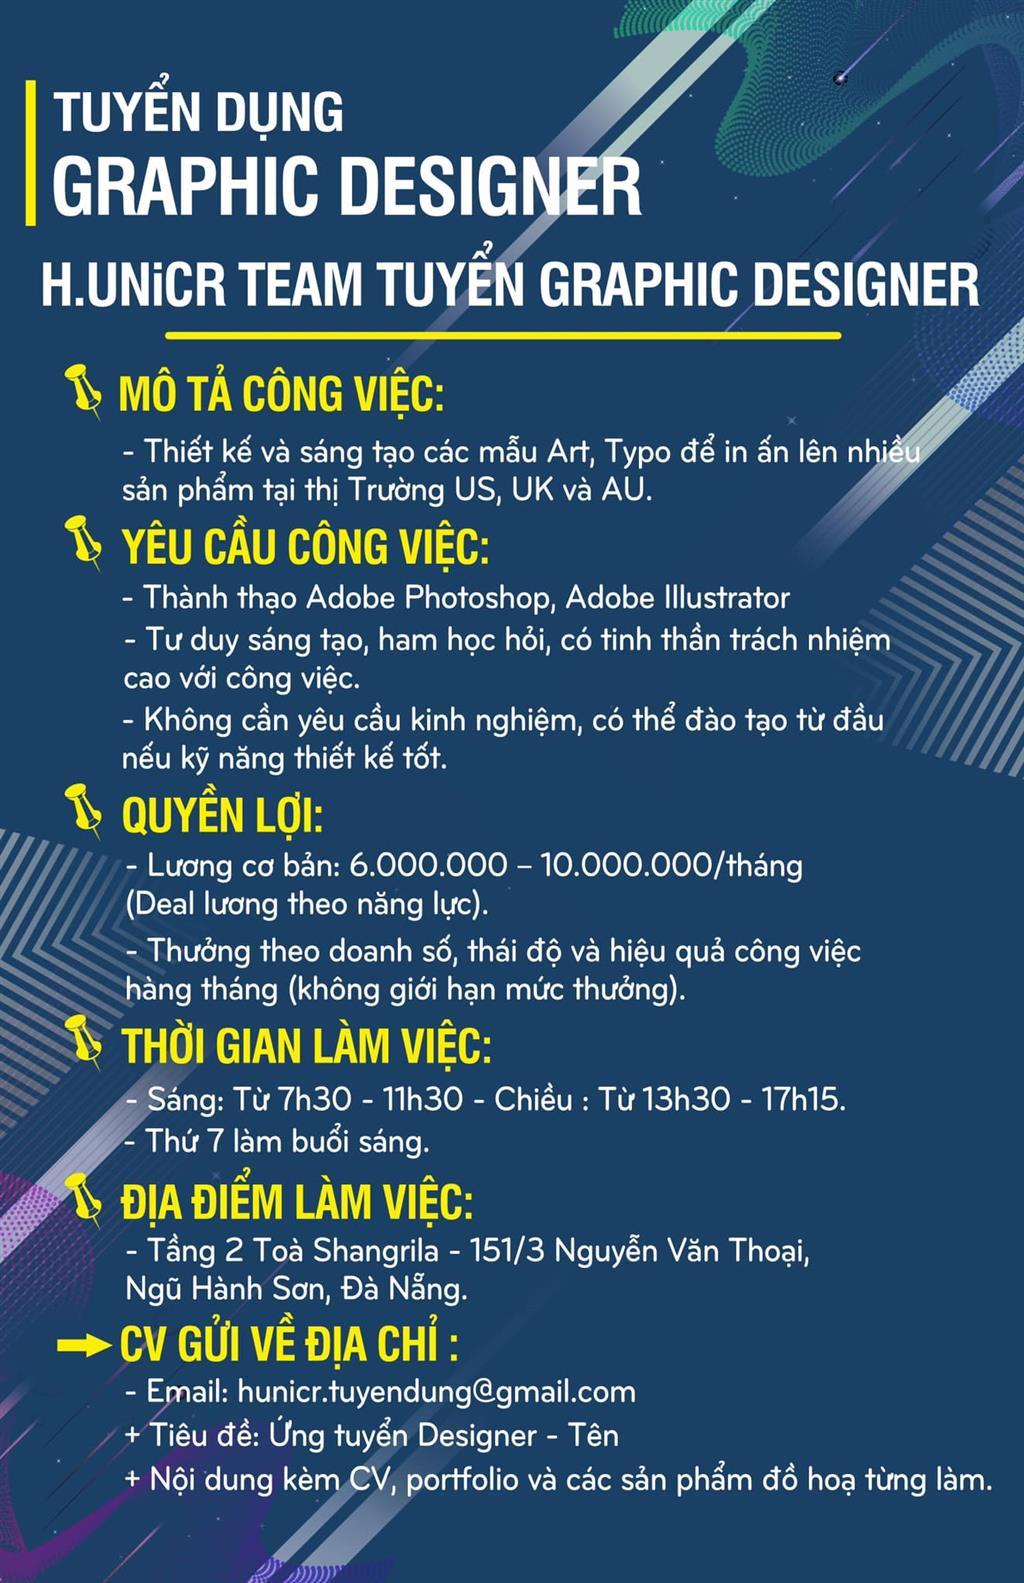 H.UNiCR Team cần tuyển Graphic Designer